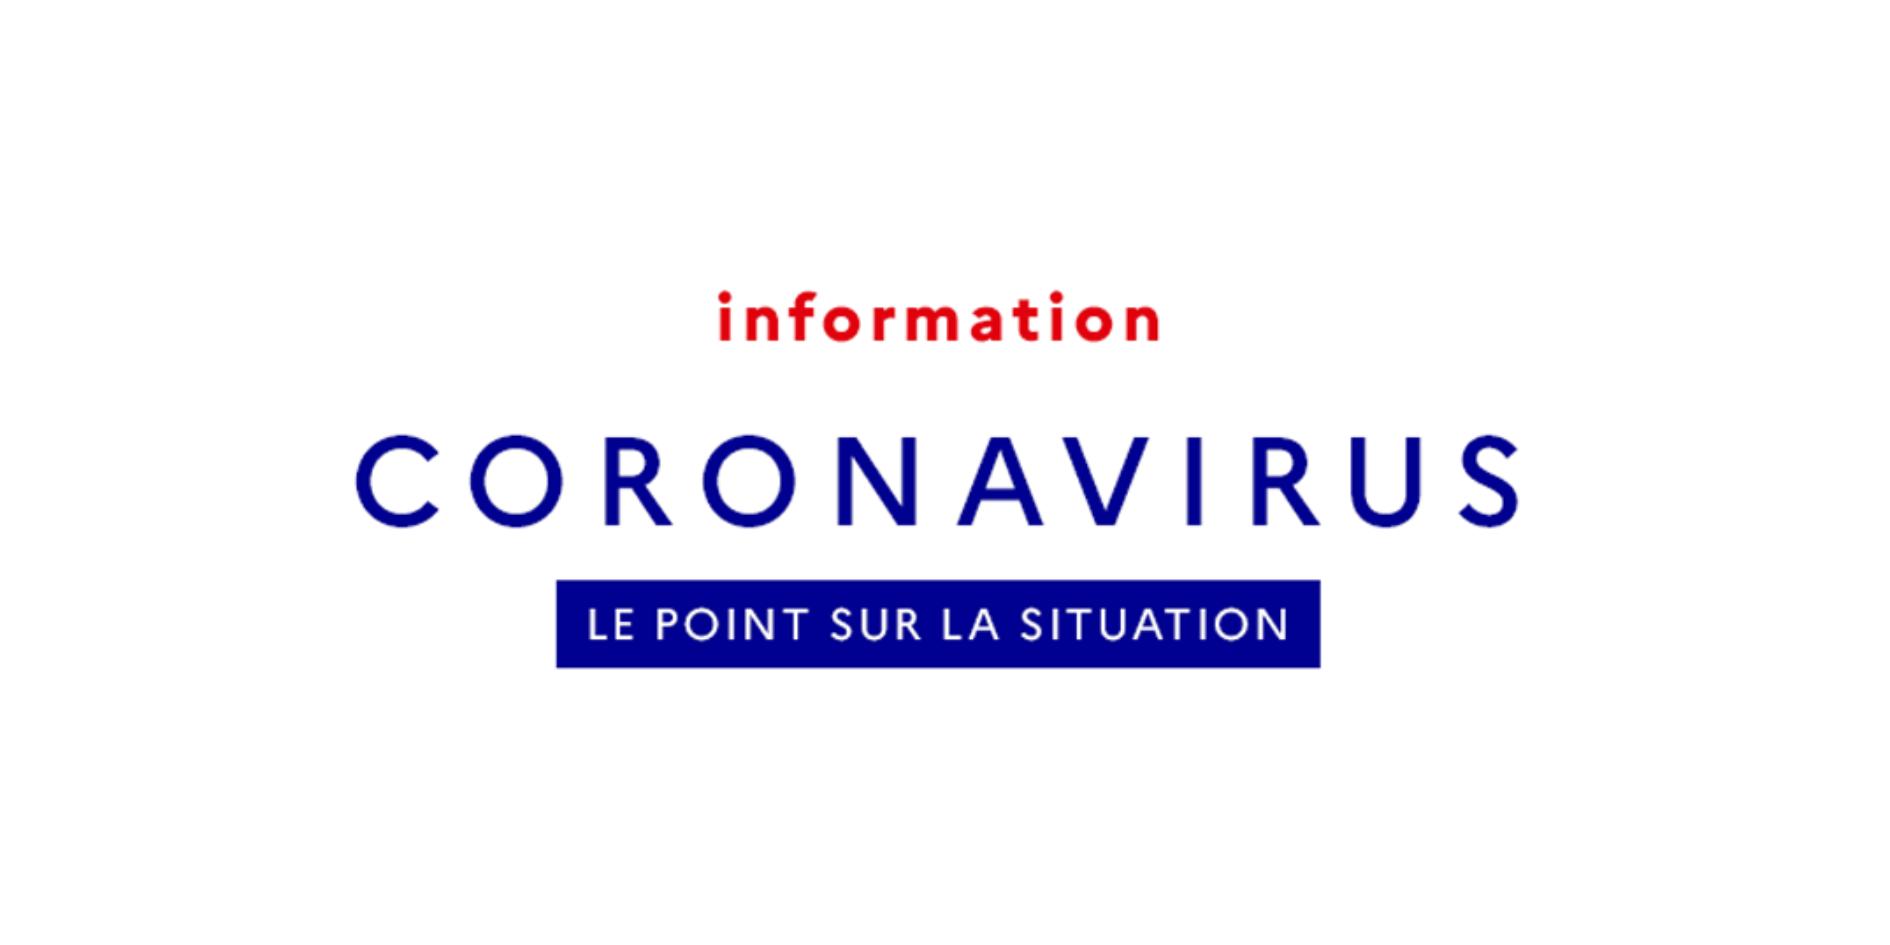 Coronavirus Informations